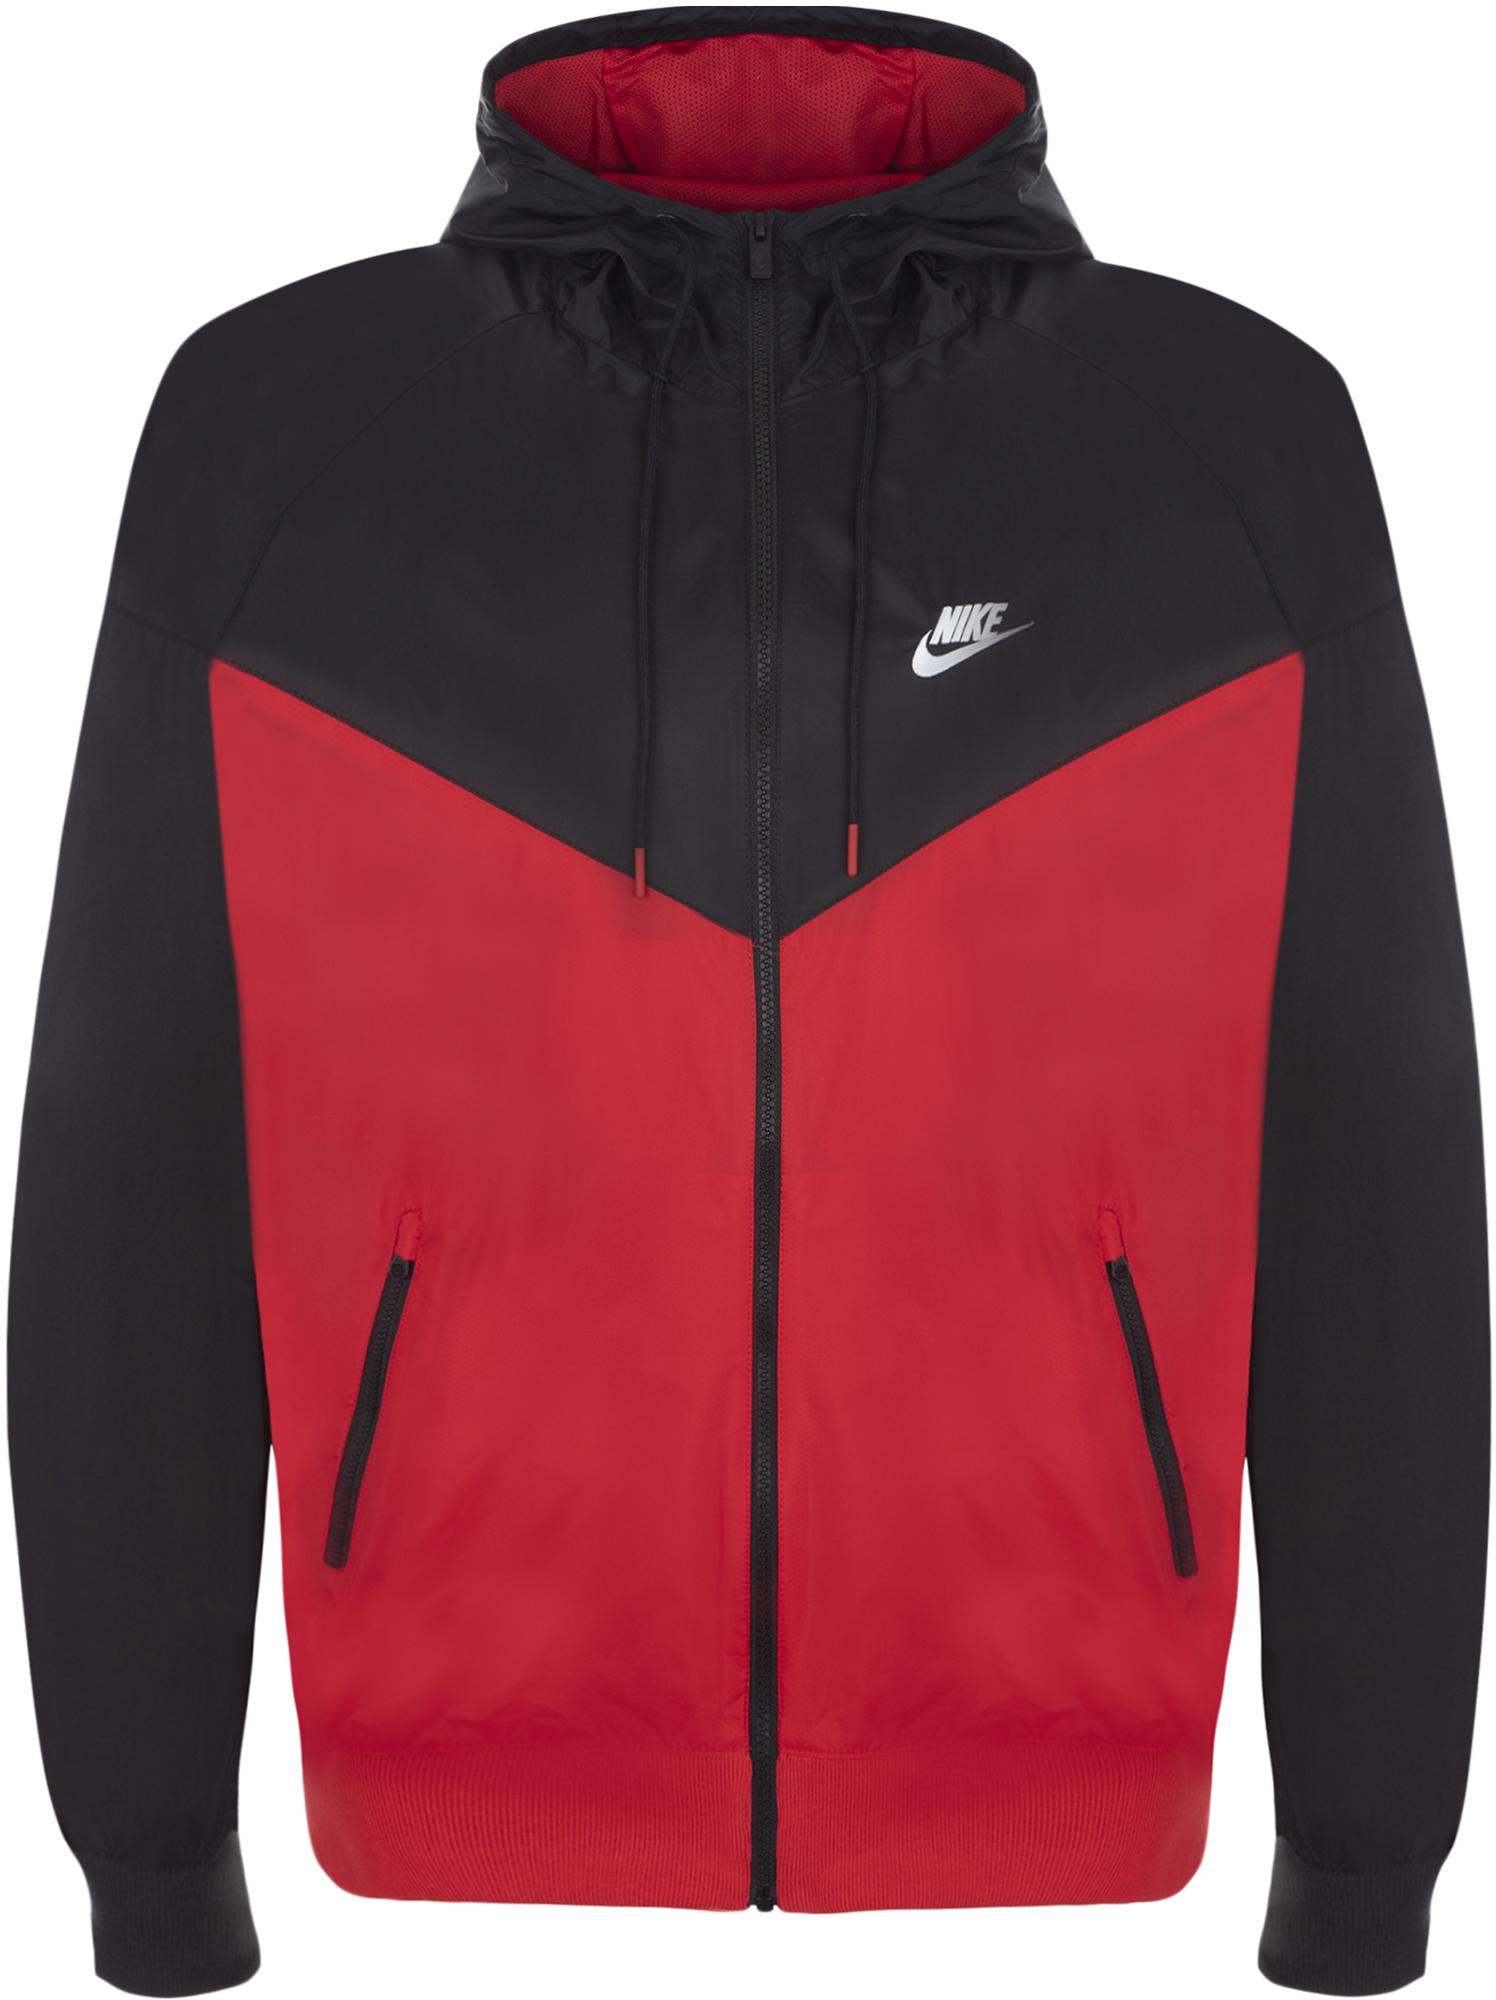 Nike Ветровка мужская Sportswear Windrunner, размер 50-52